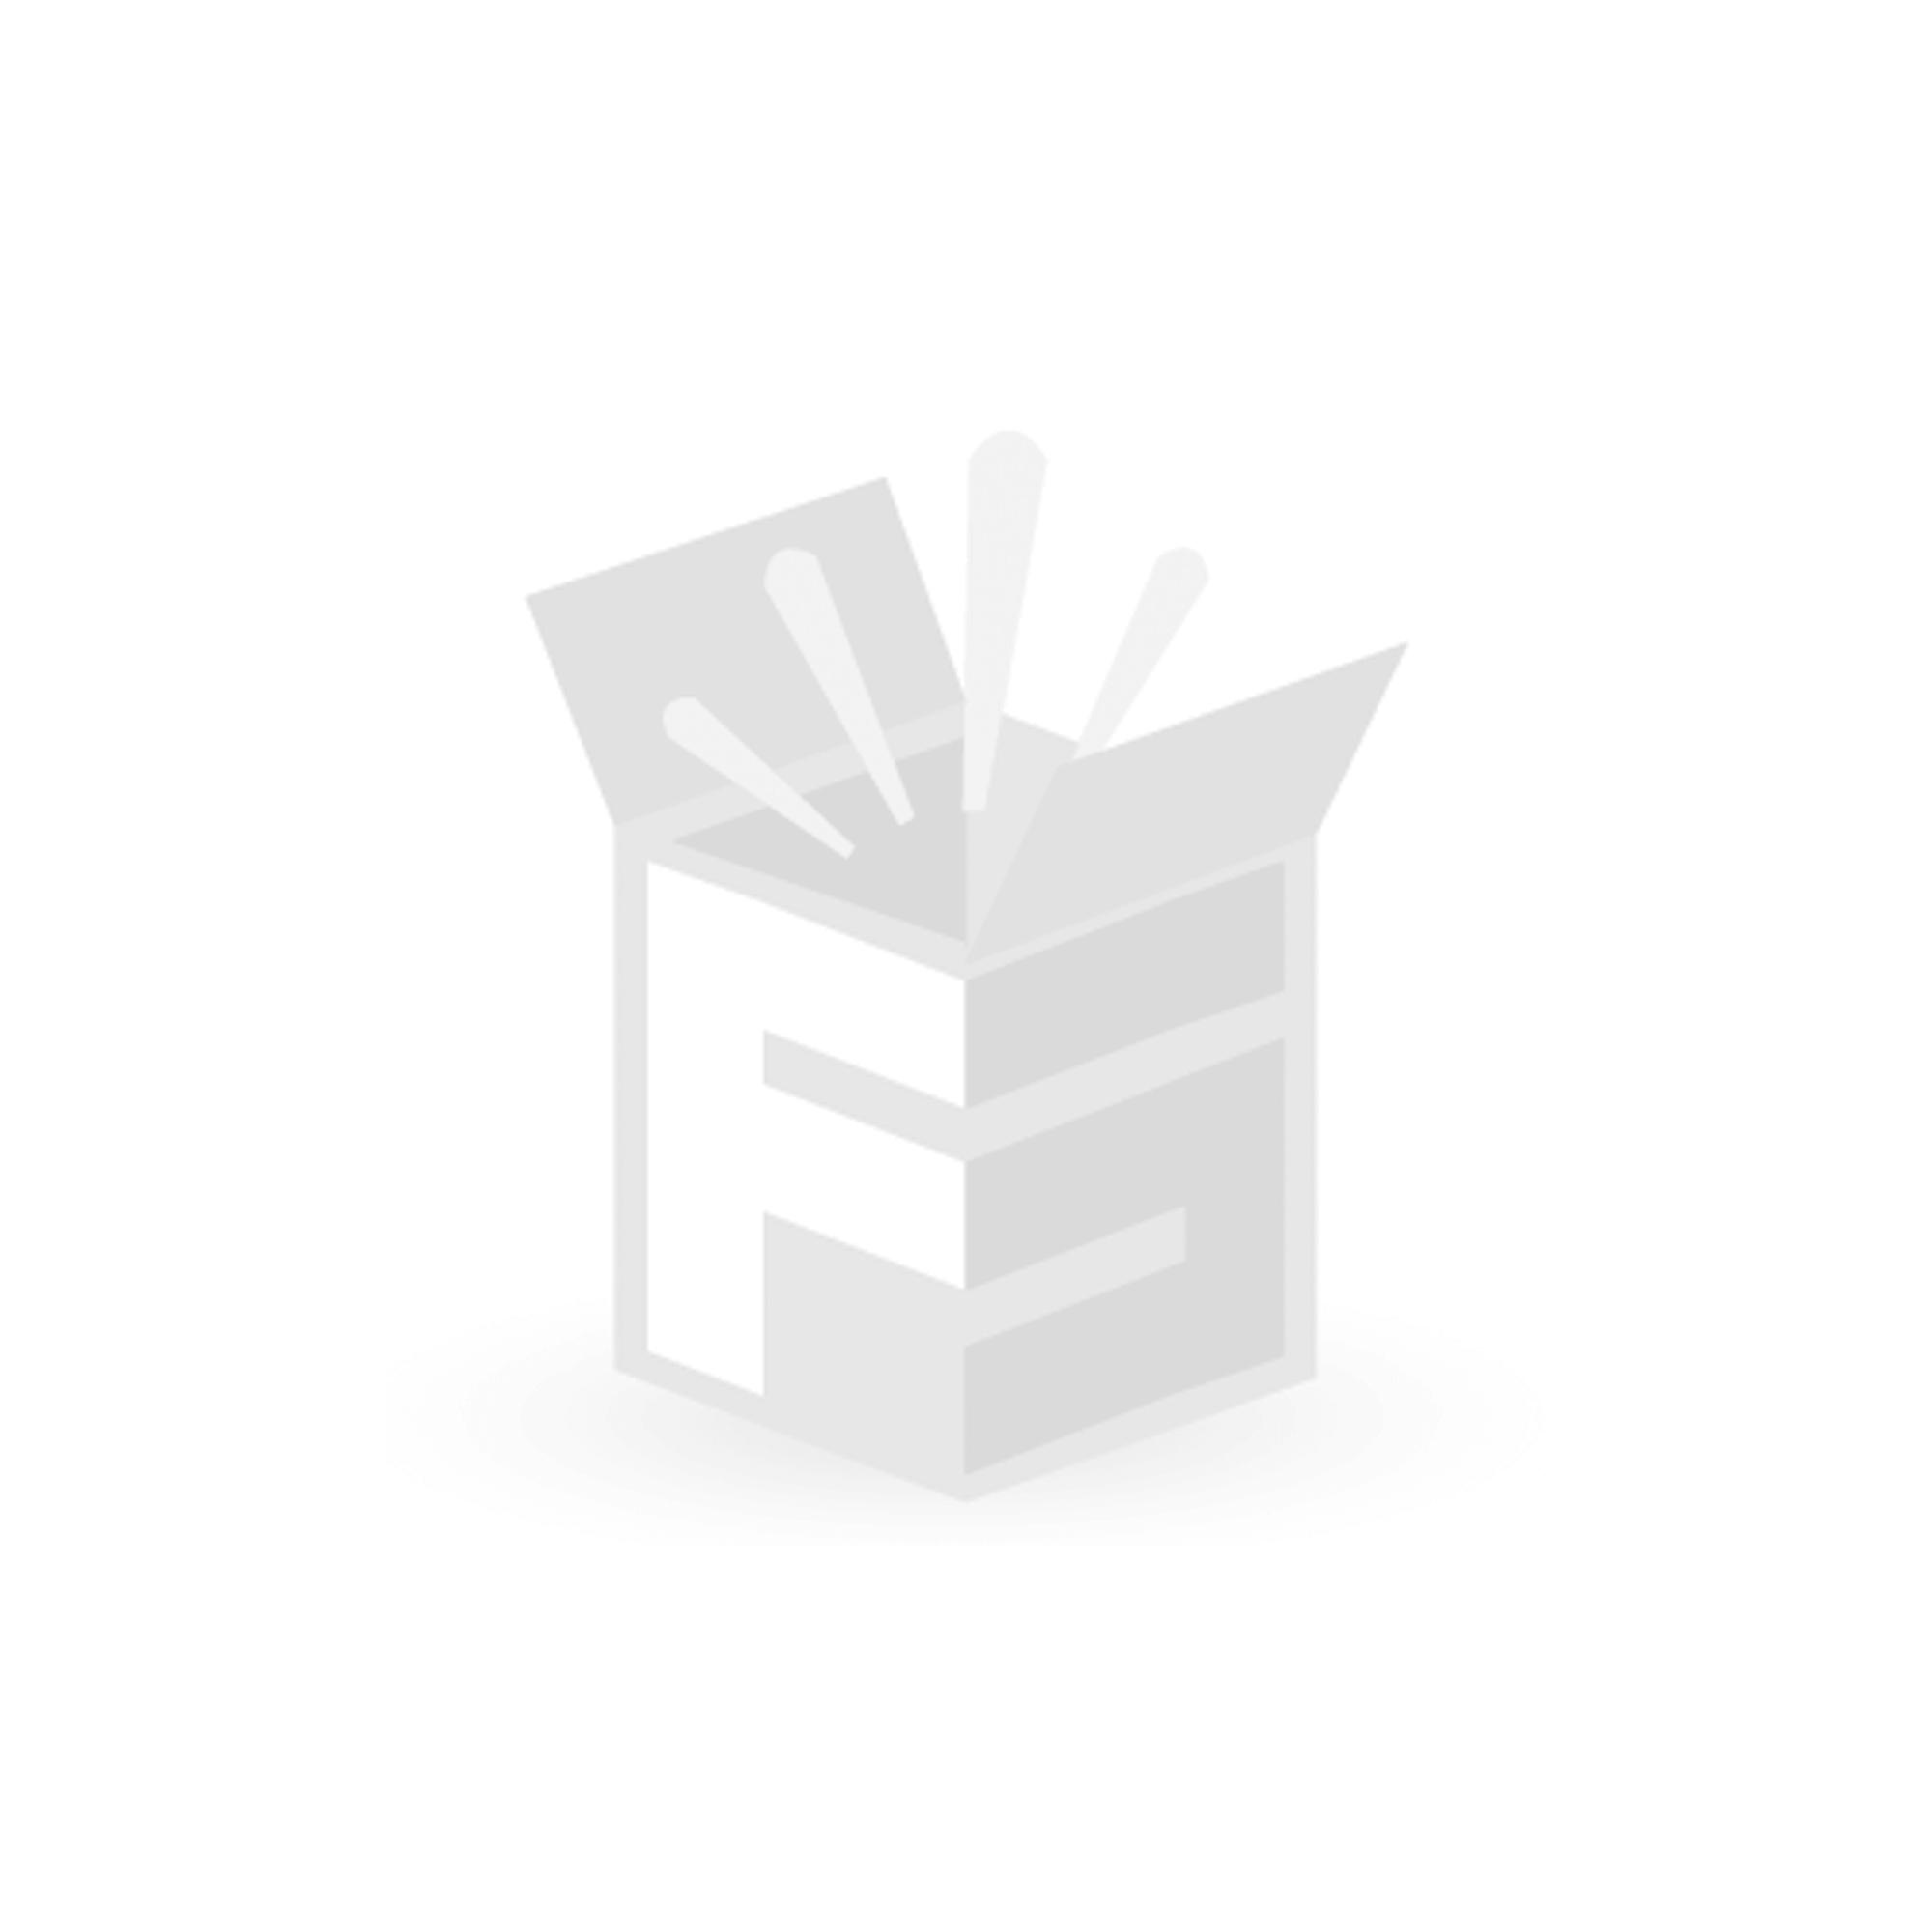 Bosch Set de perçage et vissage X-Line Classique 54 pièces